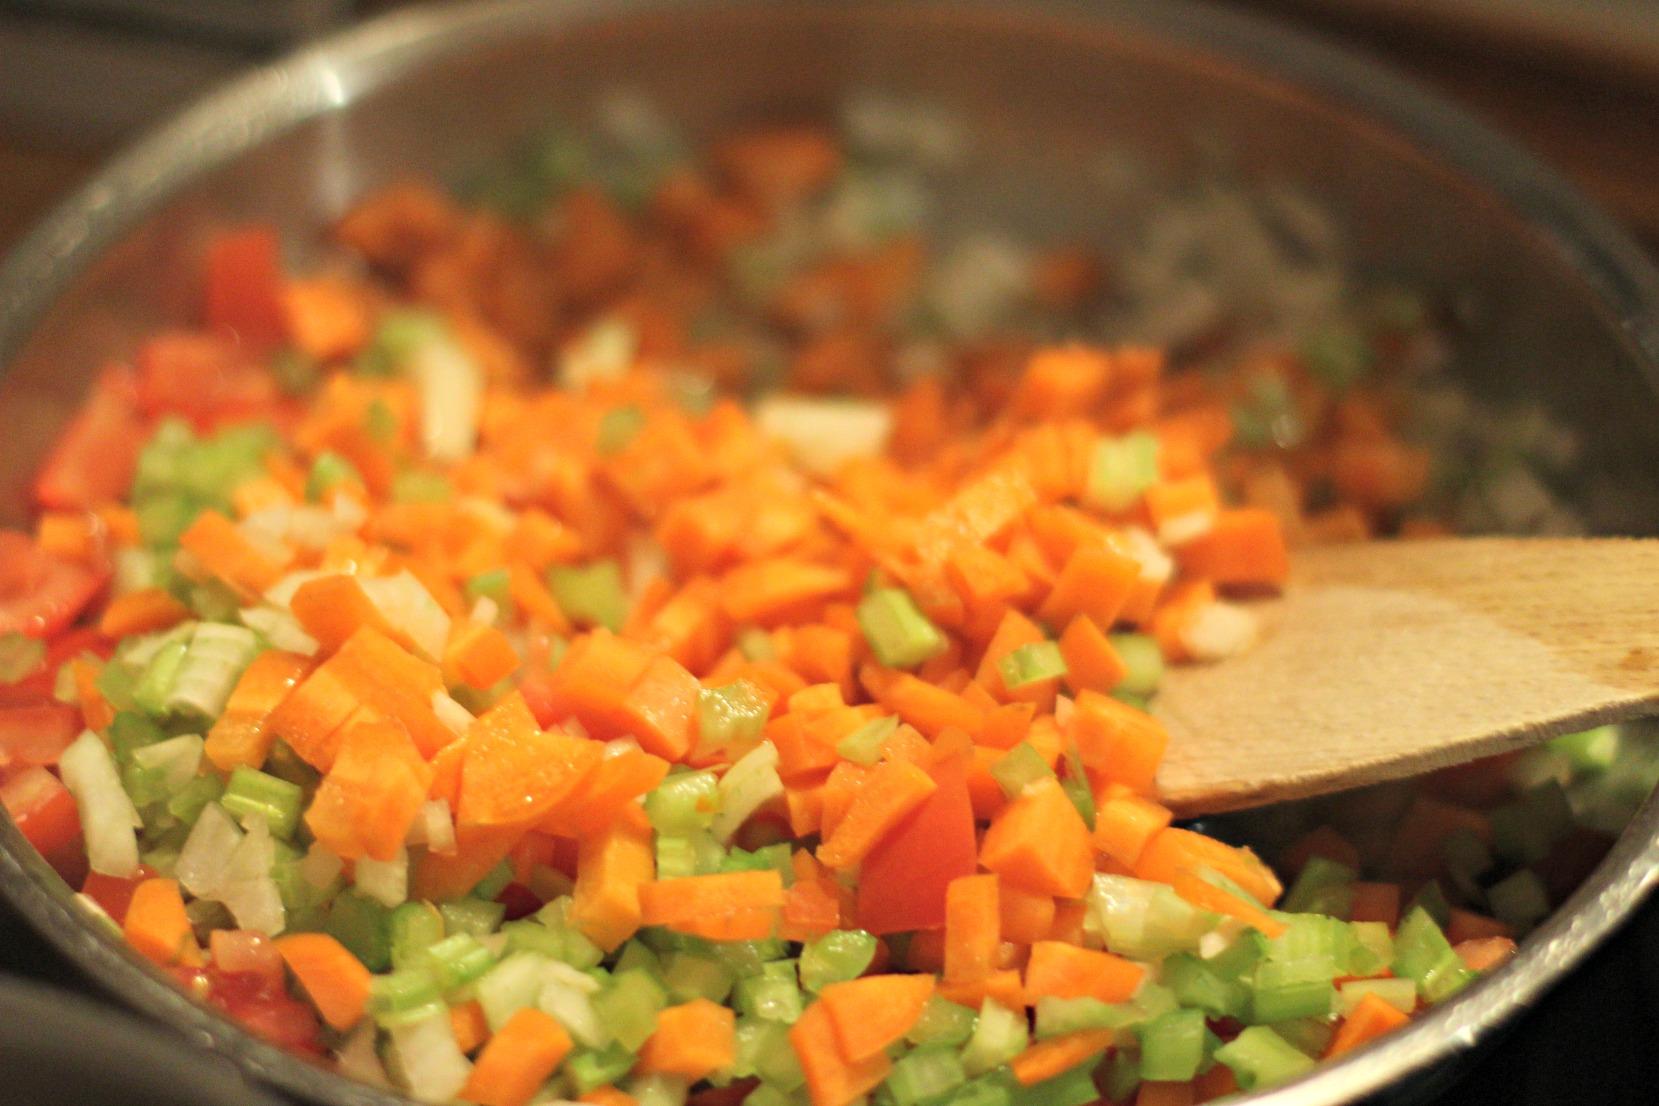 Das kleingeschnittene Gemüse für die Suppe anschwitzen.